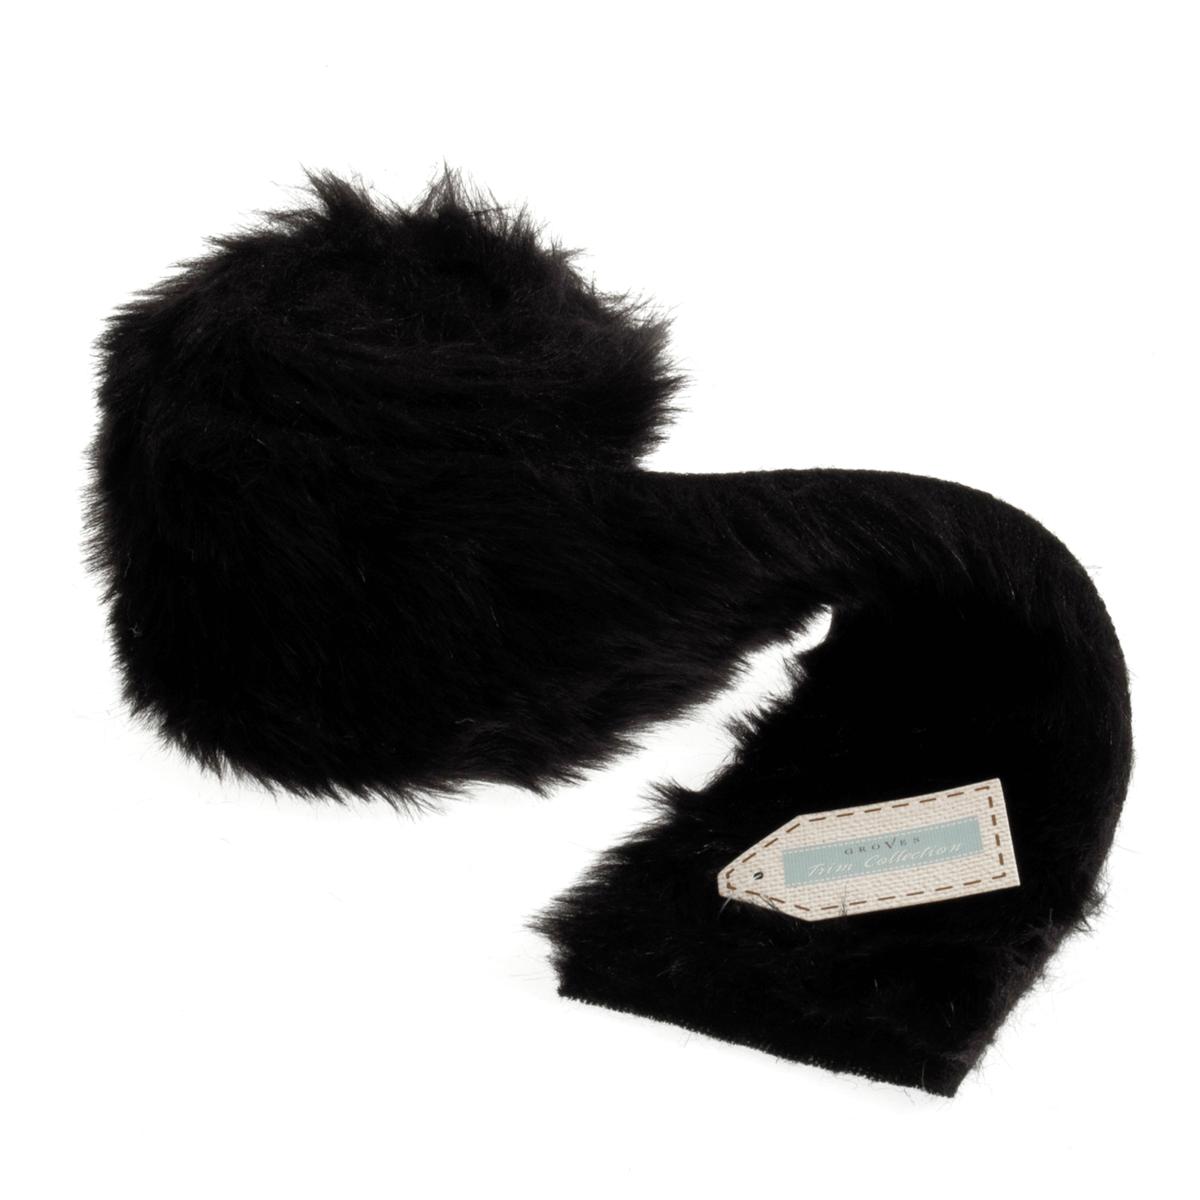 Faux Fur Trim 2m x 80mm Black Christmas Stocking Animal